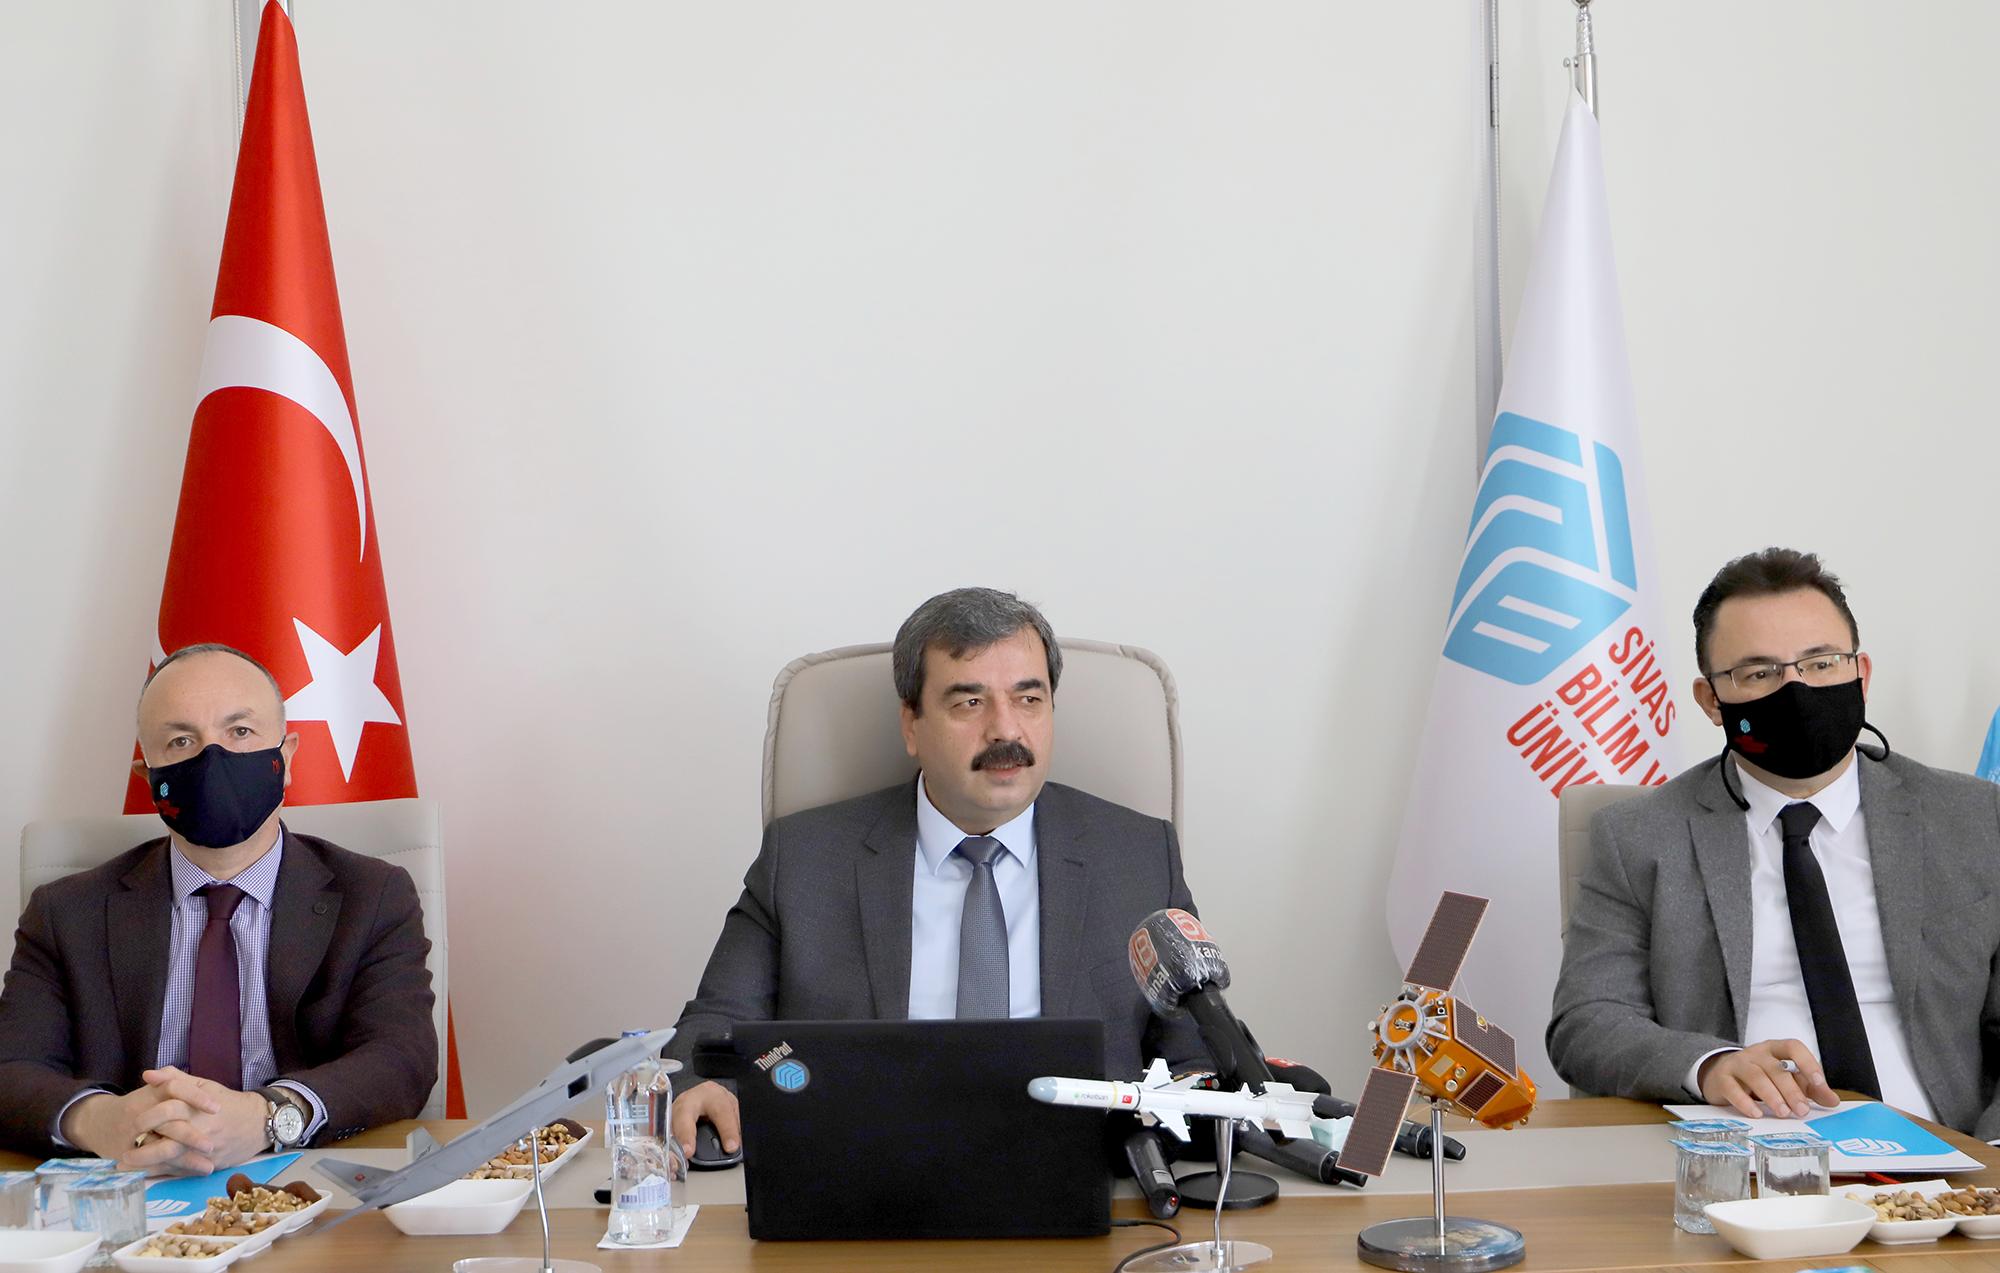 Sivas Bilim ve Teknoloji Üniversitesinde Genel Değerlendirme ve Basın Bilgilendirme Toplantısı Yapıldı